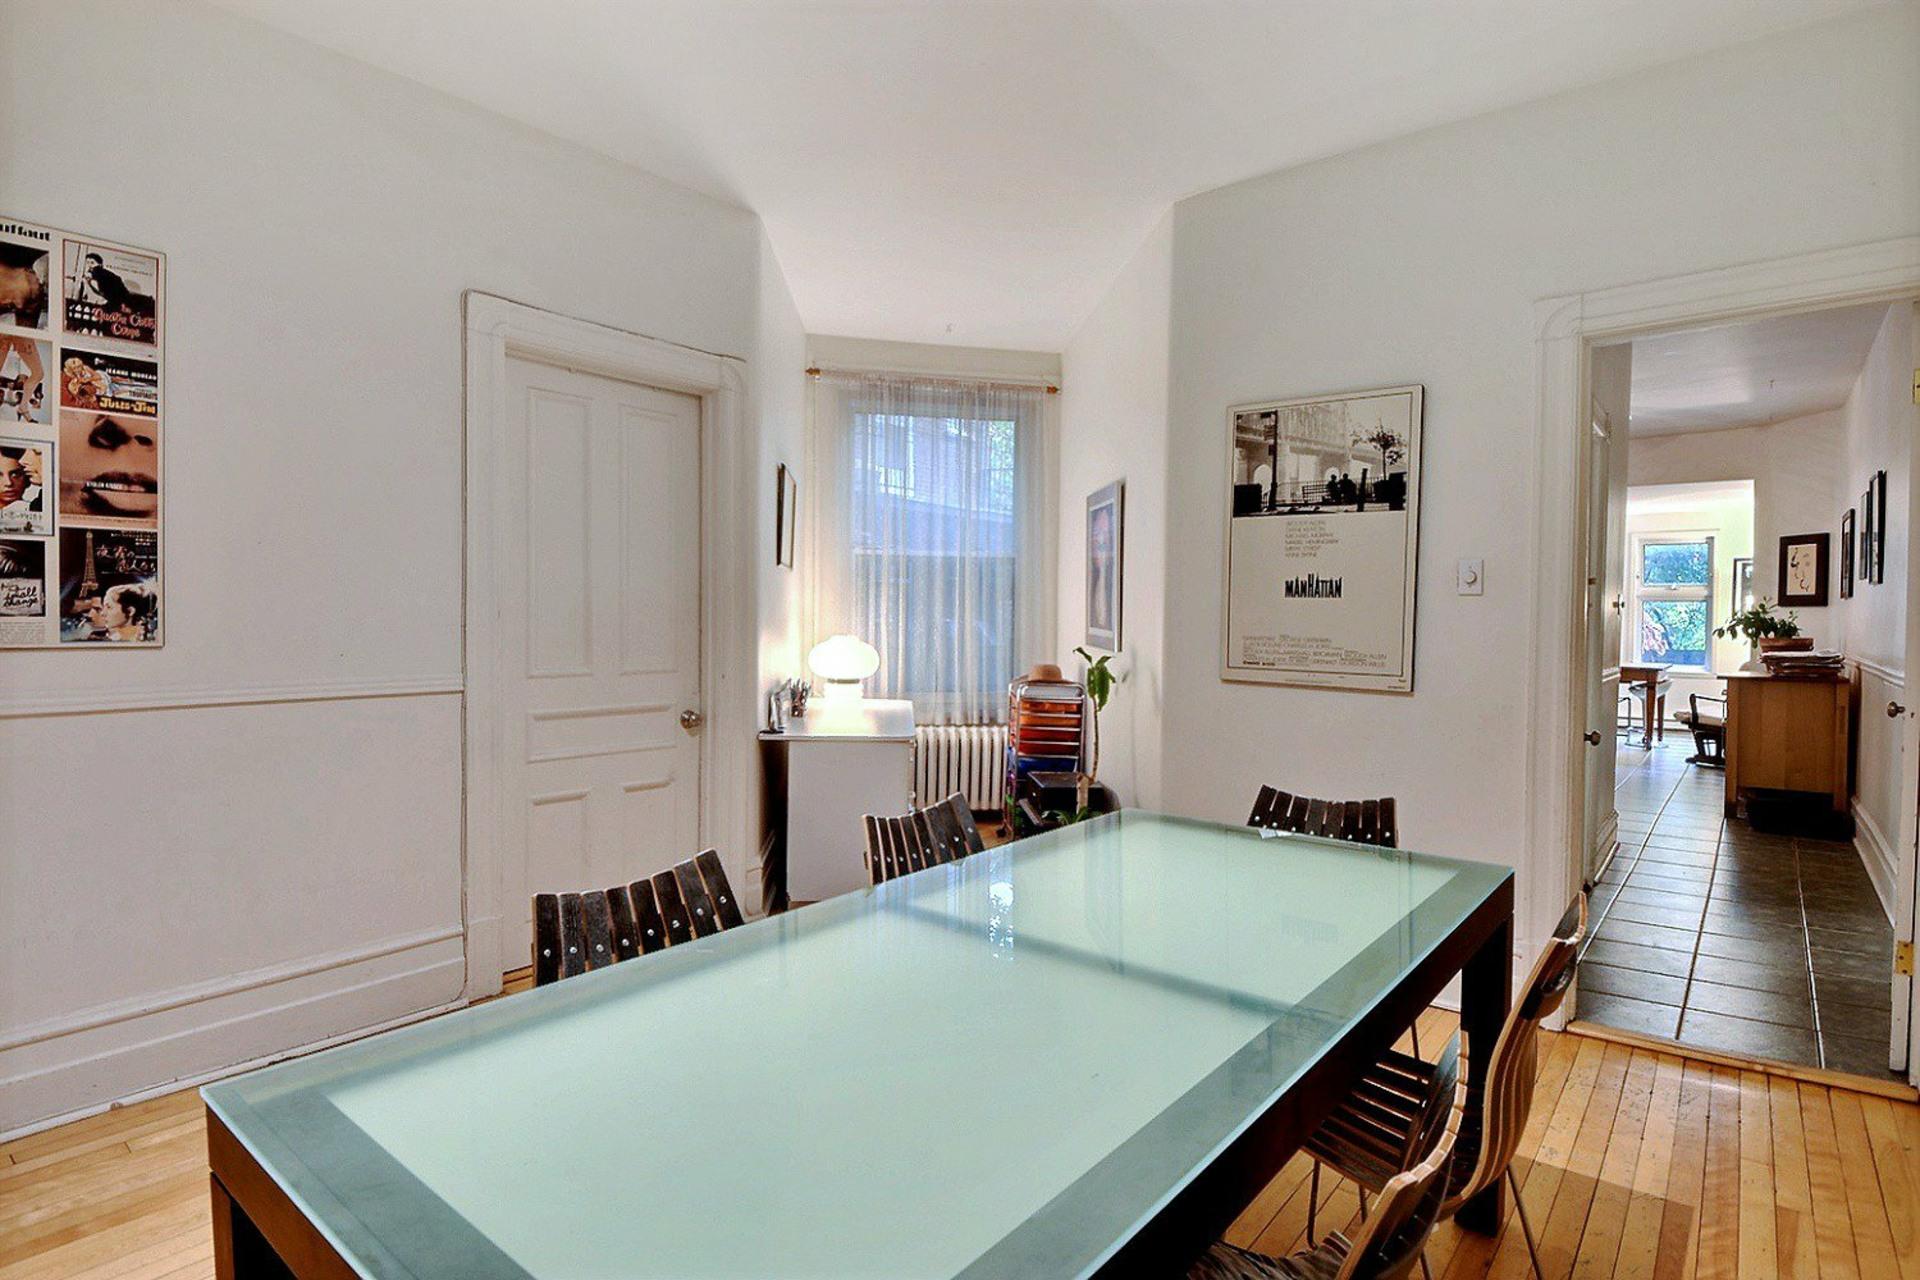 image 5 - Apartment For sale Montréal Le Plateau-Mont-Royal  - 7 rooms